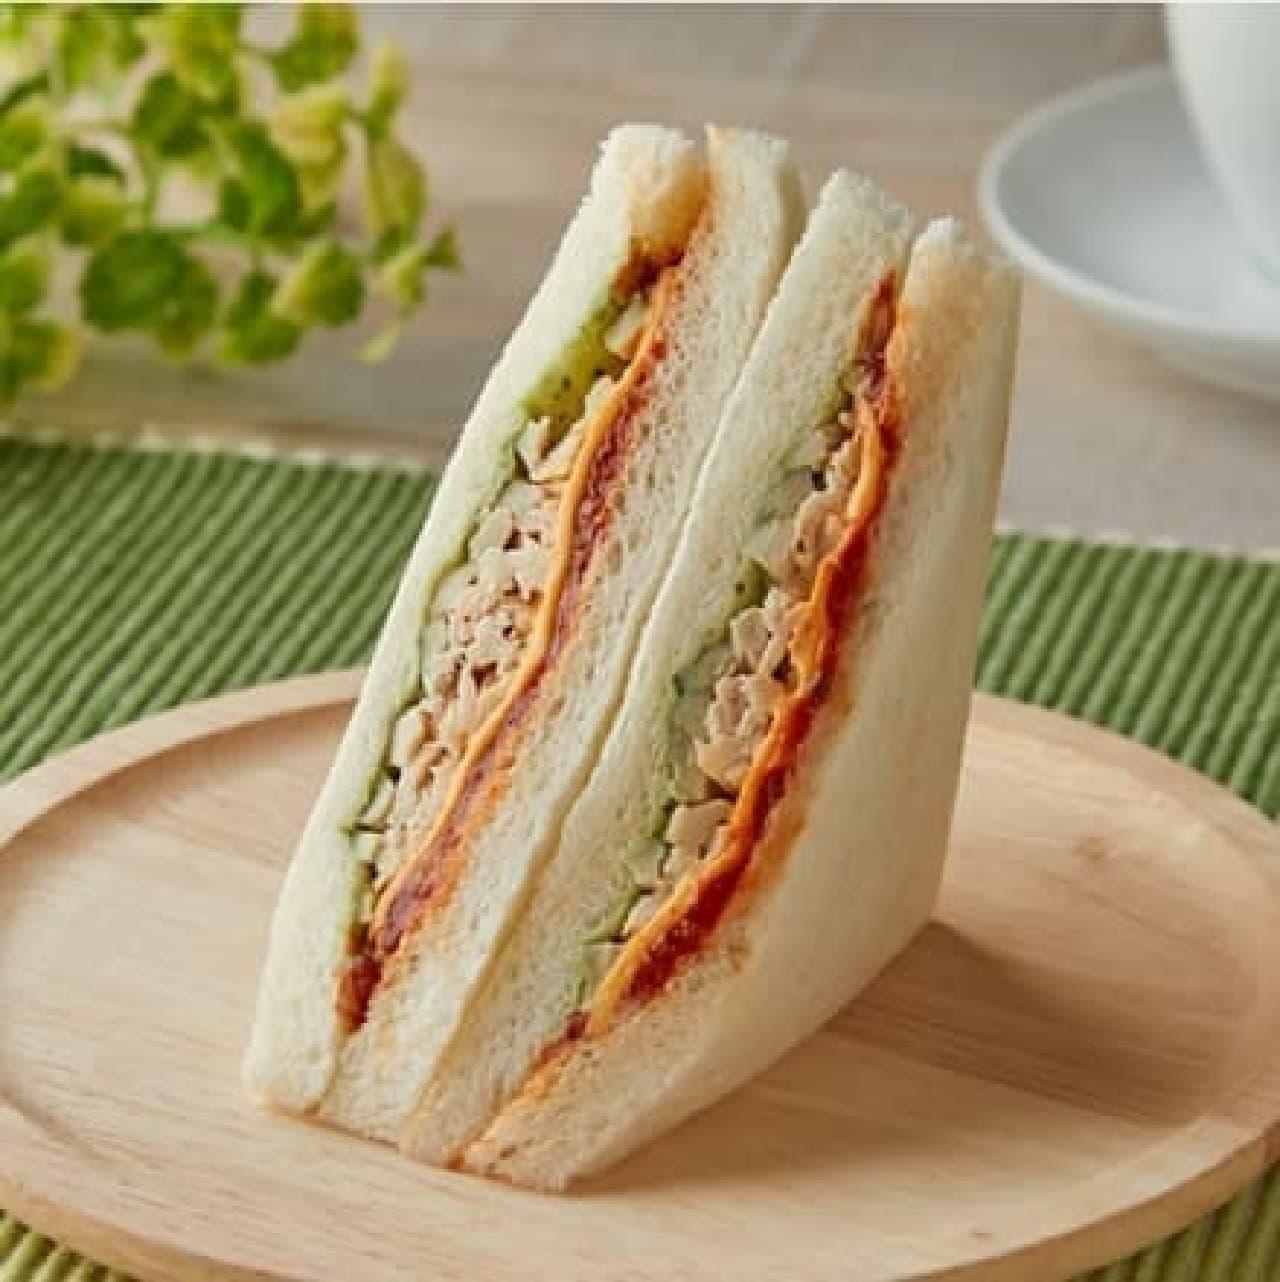 ファミリーマート「サラダチキンとチェダーチーズのサンド」